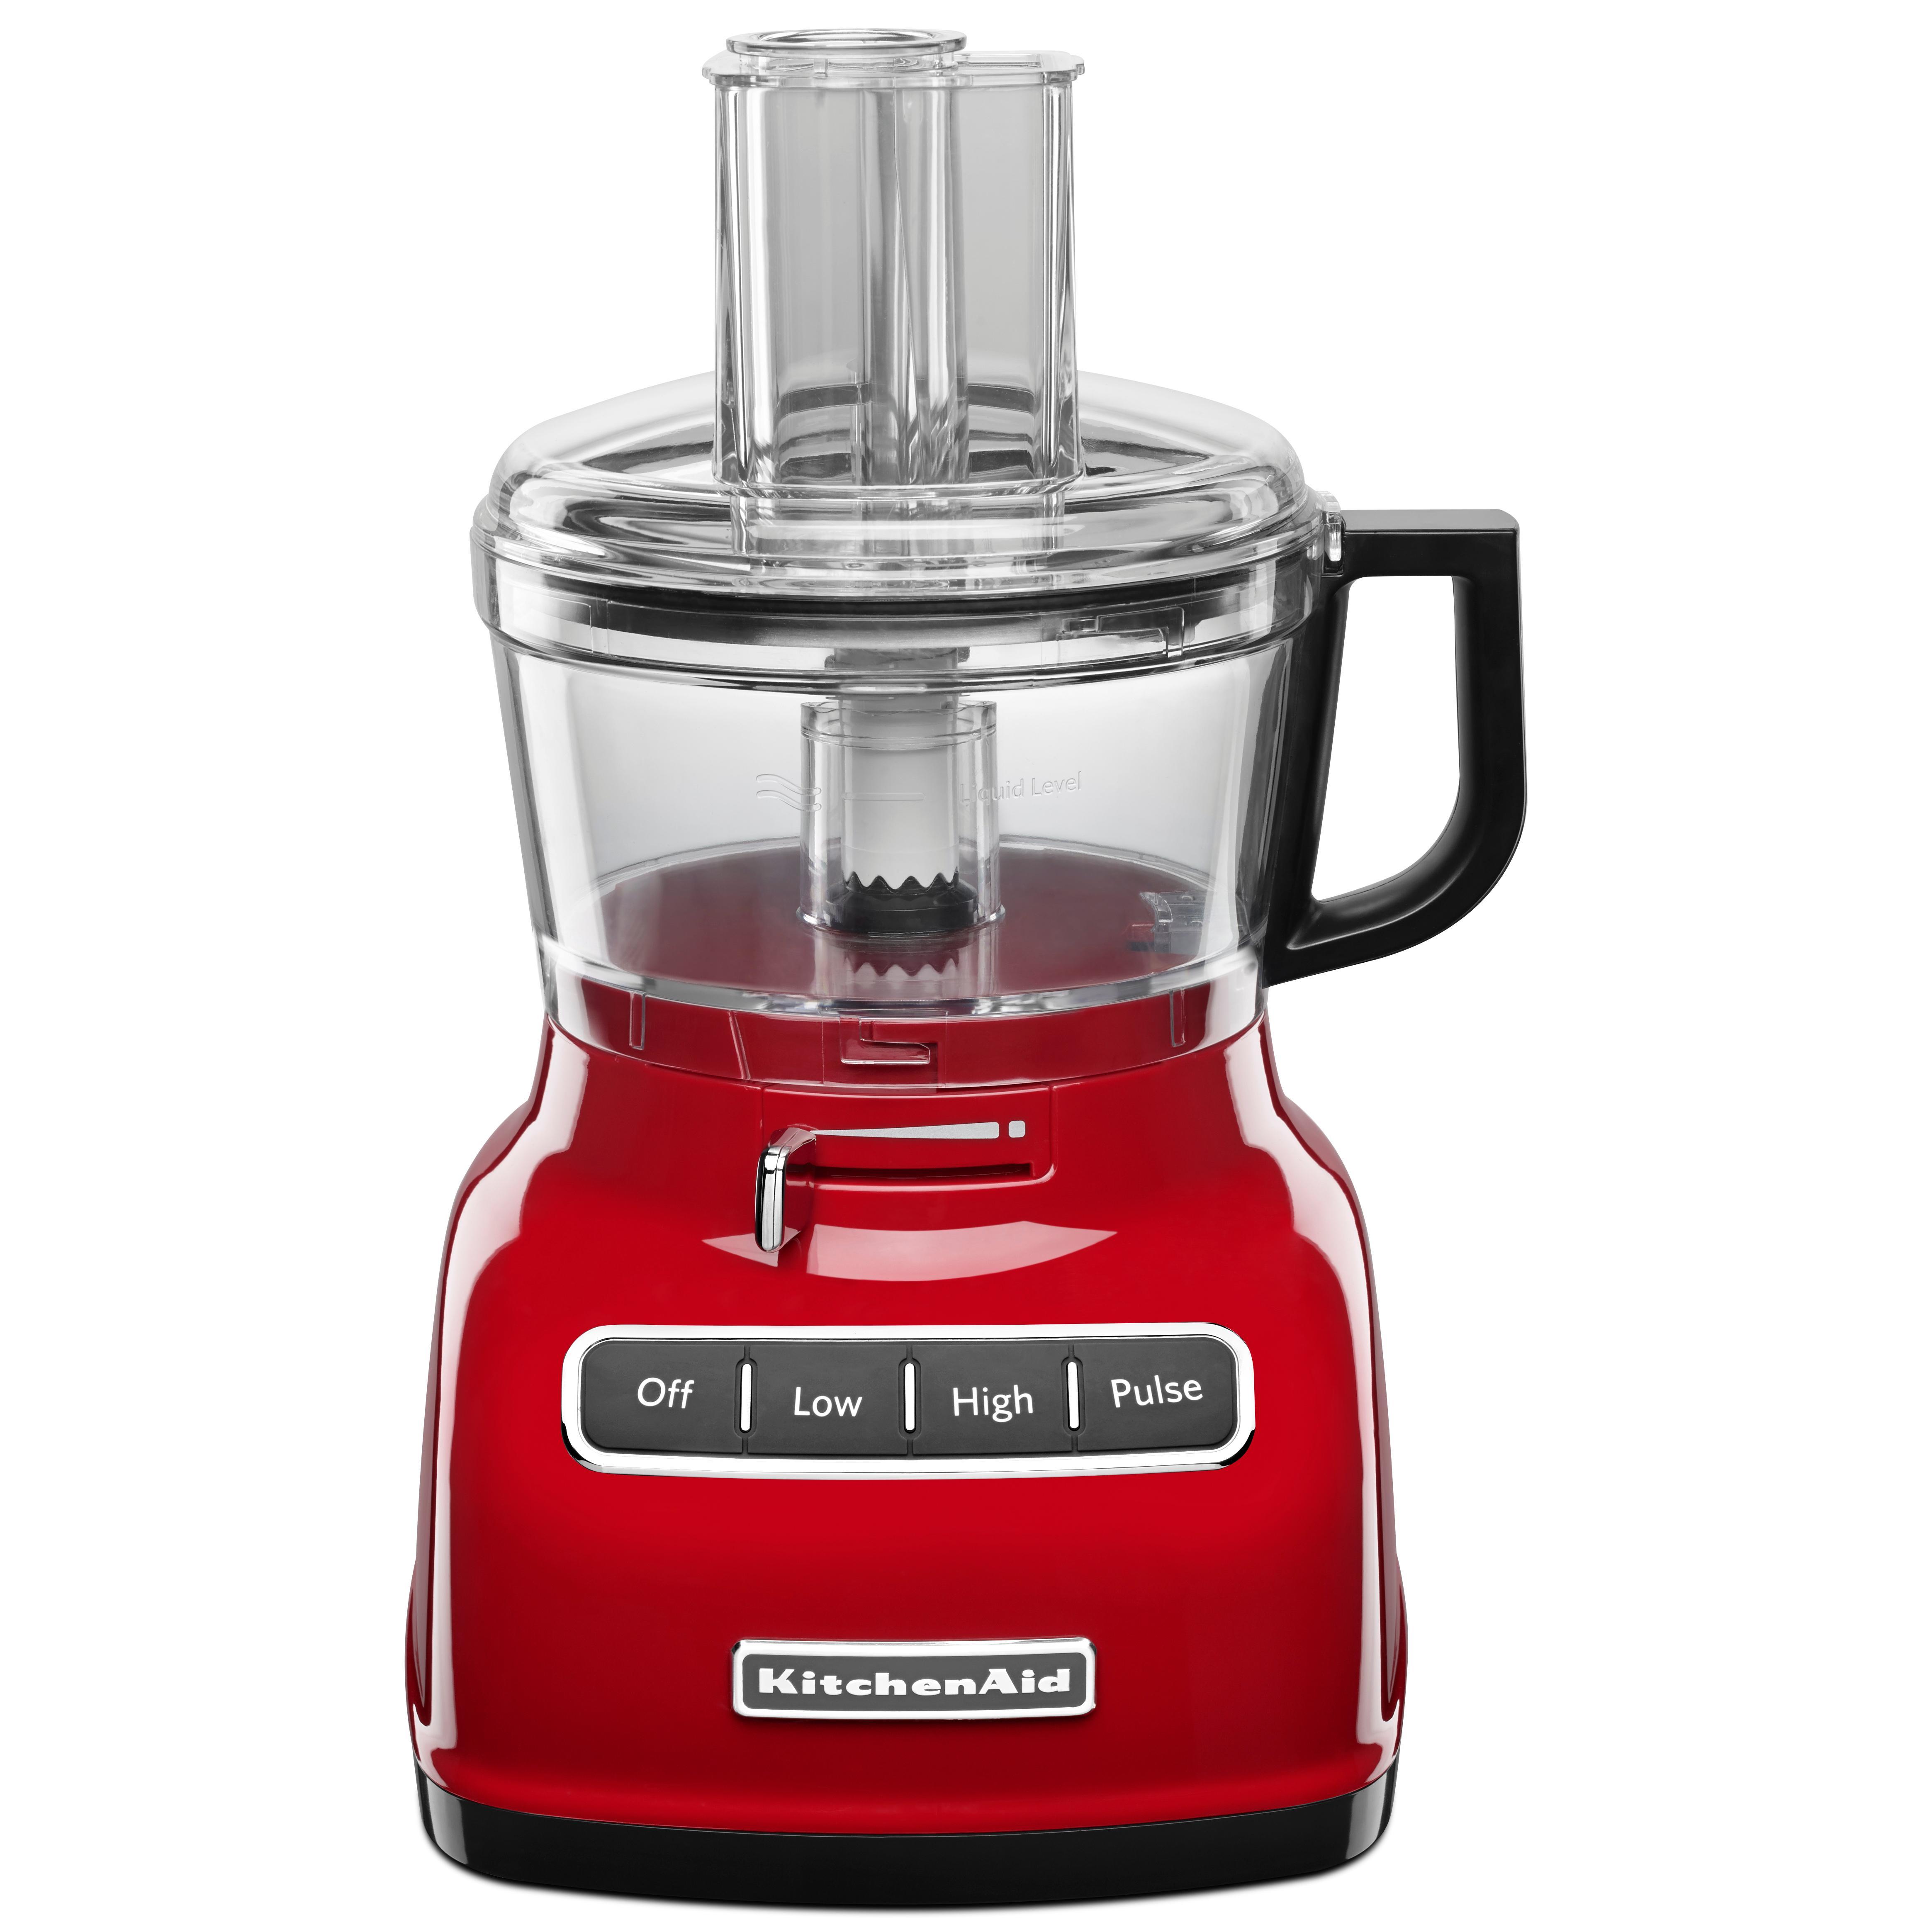 3.5 Cup Food Chopper · 3.5 Cup Mini Food Processor · 7 Cup Food Processor ·  7 Cup Food Processor With ExactSlice System · 9 Cup Food Processor ...